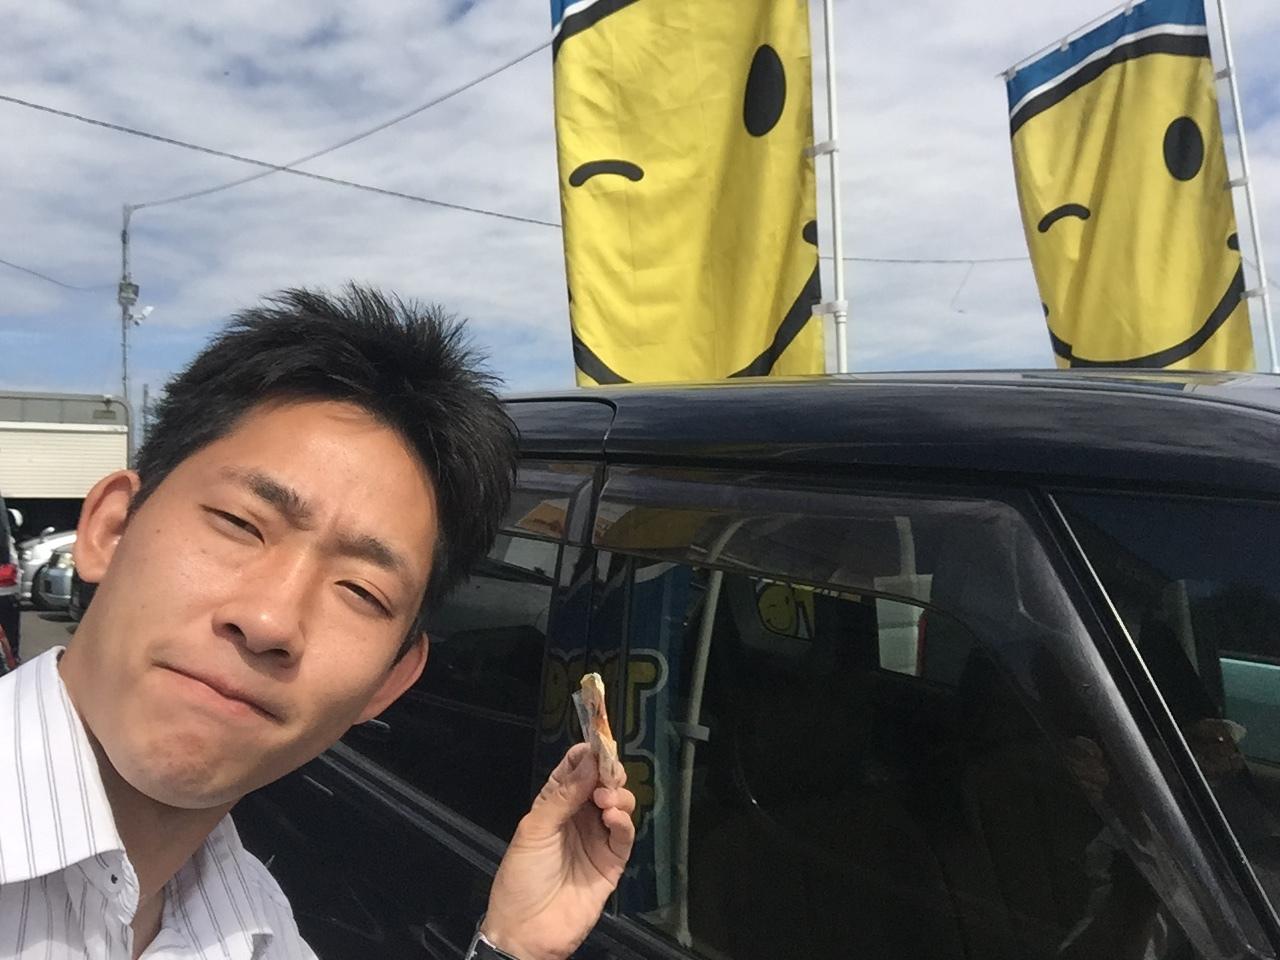 8月6日(土)トミーアウトレット☆グッチーブログ♪K様ラフェスタ納車!!自社ローン☆ローンサポート_b0127002_15093411.jpg